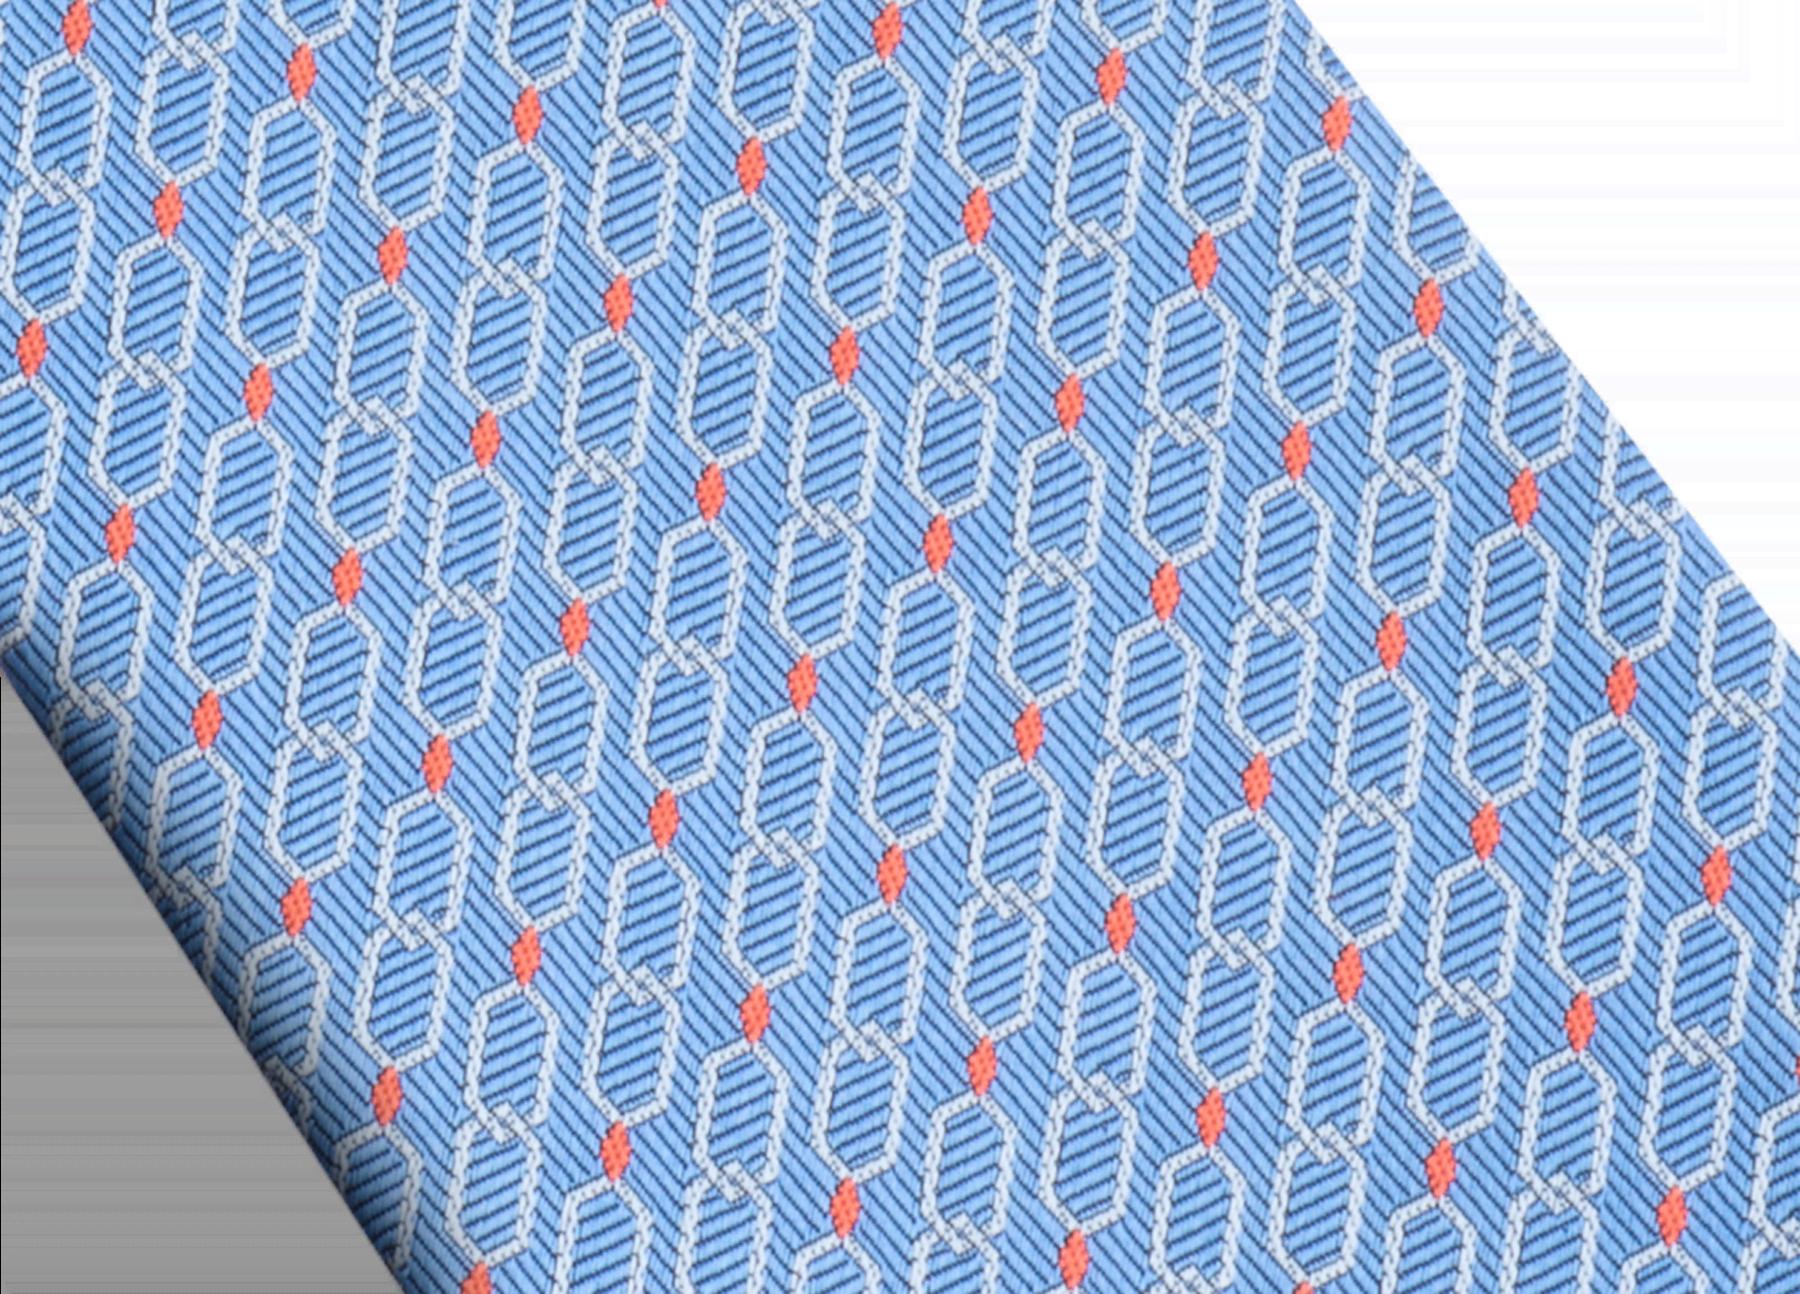 Cravate sept plis Snake Link bleu clair en jacquard de soie fine. 244173 image 2